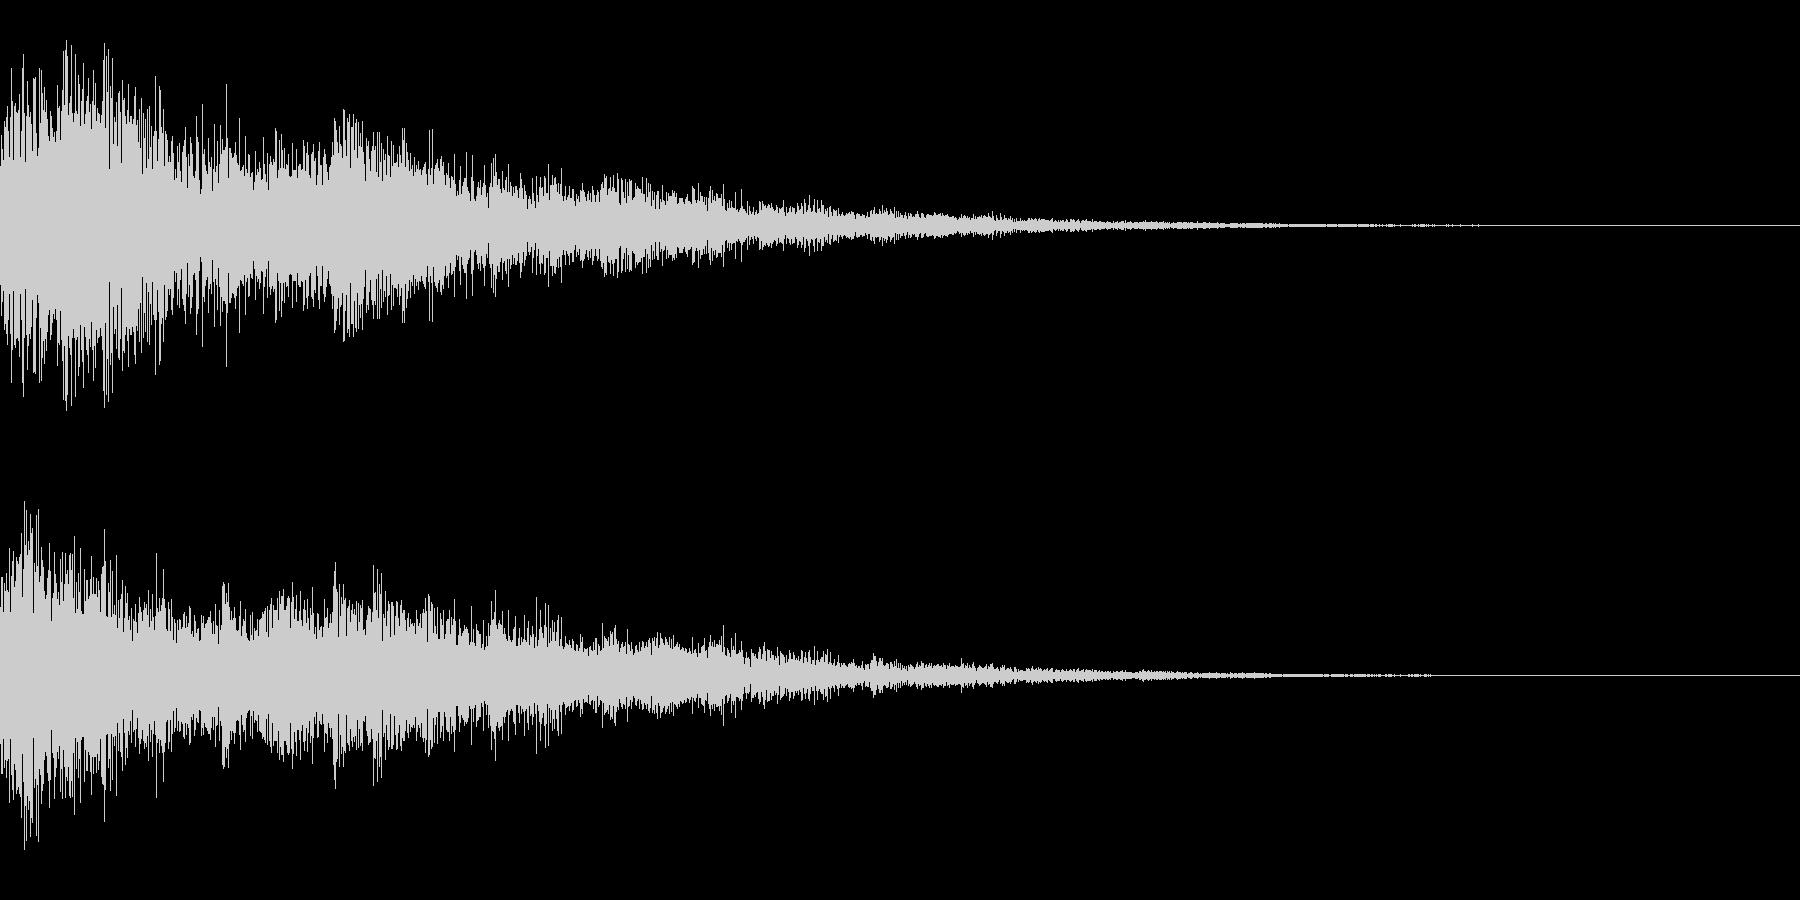 「決定」「選択」/システム効果音の未再生の波形